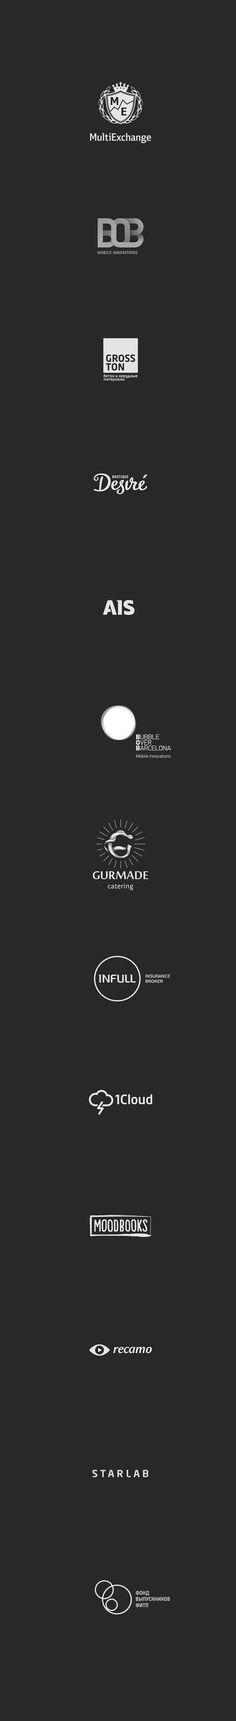 https://www.behance.net/gallery/26992691/Logo-Set-2013